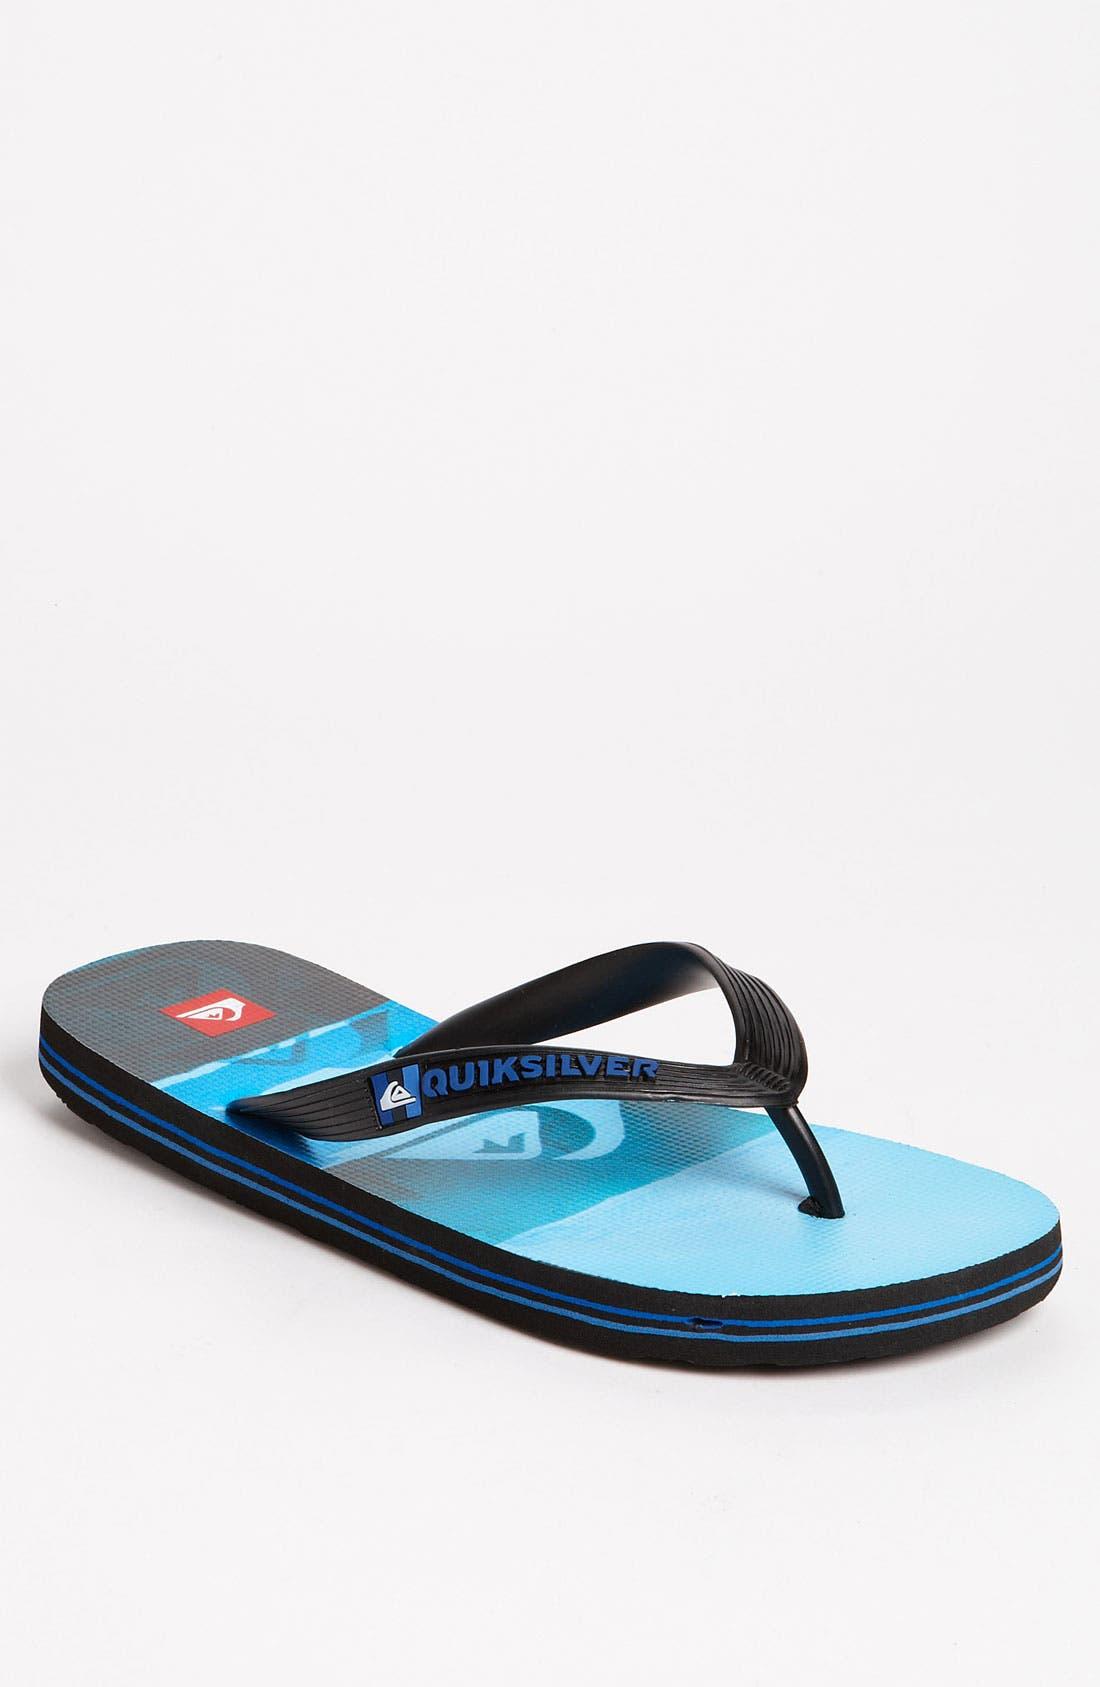 Main Image - Quiksilver 'Molokai' Flip Flop